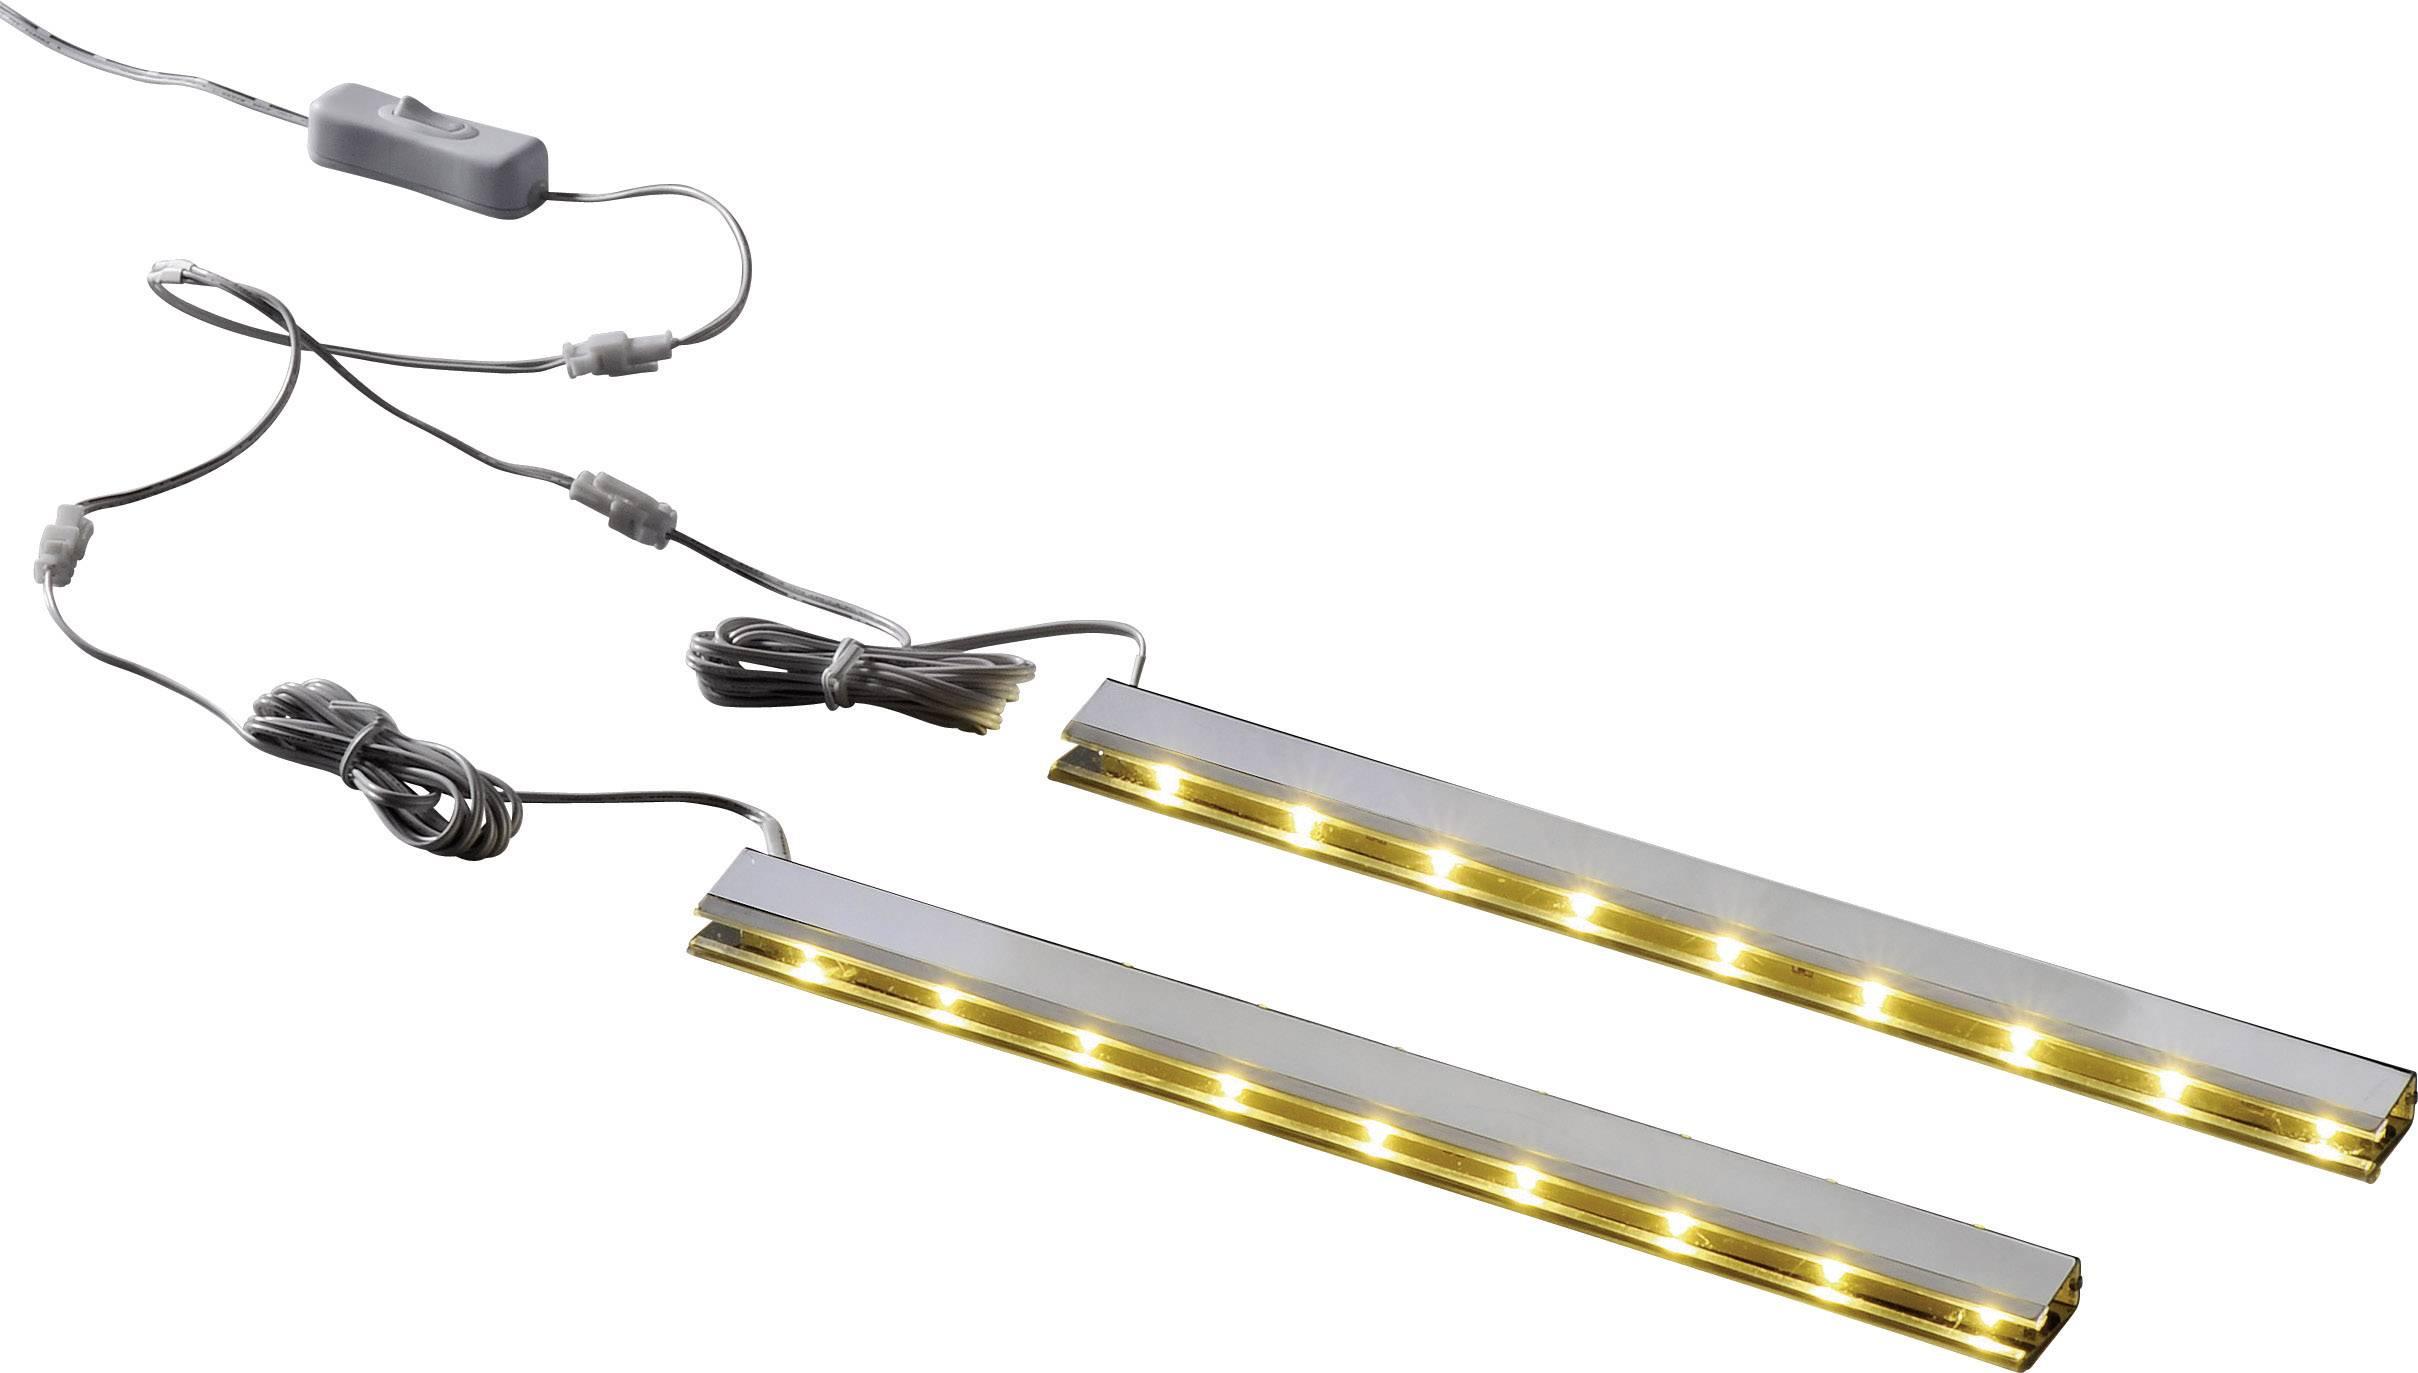 Oświetlenie Półki Szklanej Paul Neuhaus1202 00 108 W 230v Chrom 300 Mm